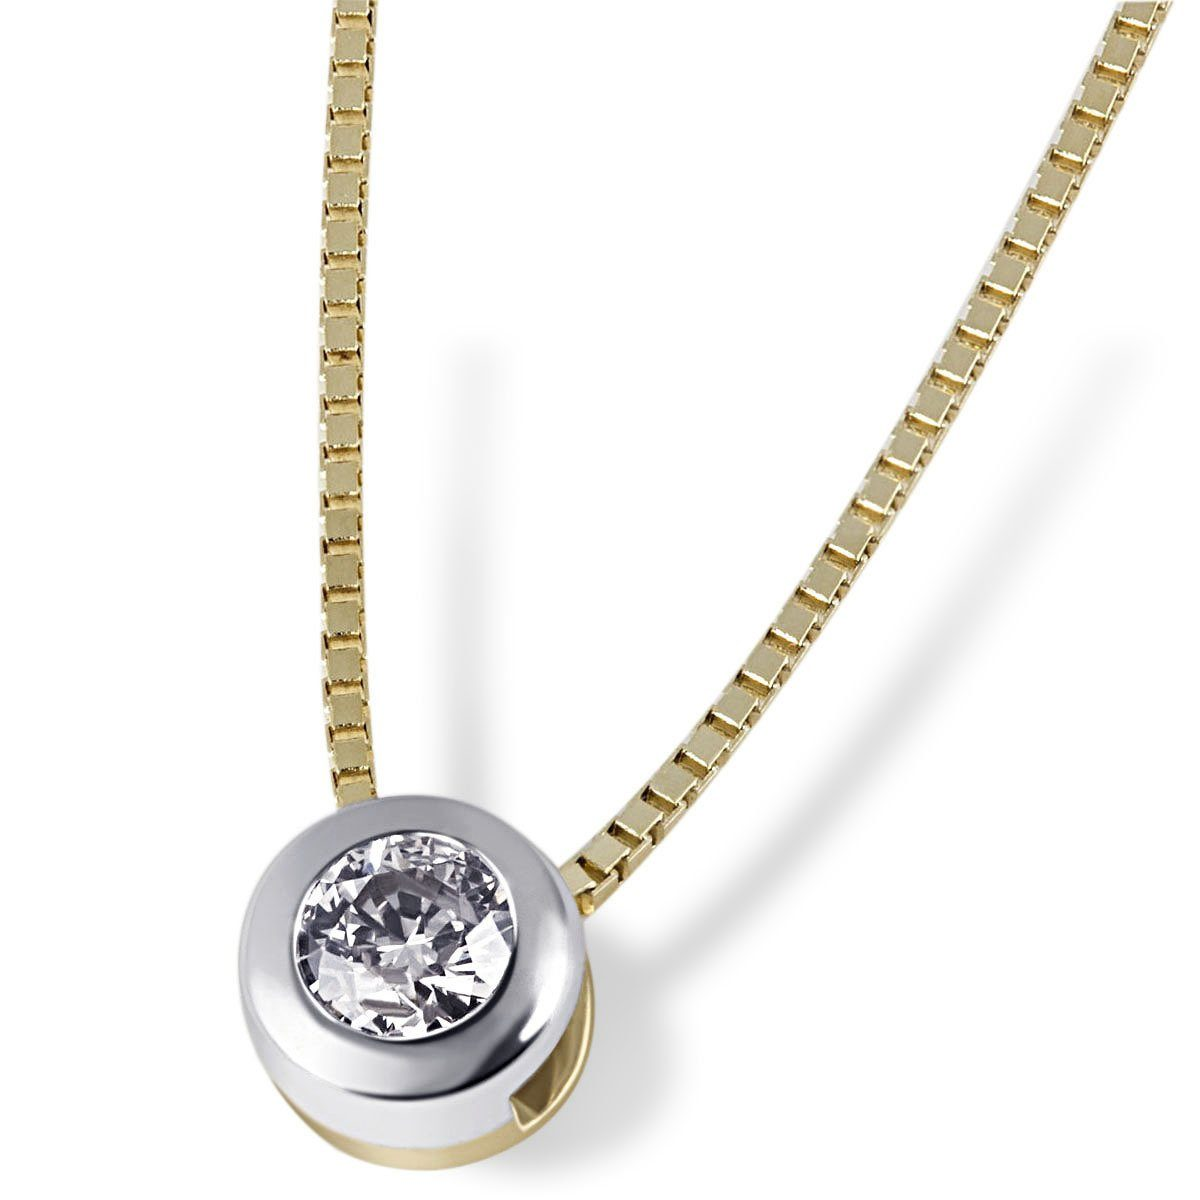 Kaufen 10 Online CtLupenrein Goldmaid 1 Brillant Collier Bicolor 0 Solitär 585Gold v0mnwN8